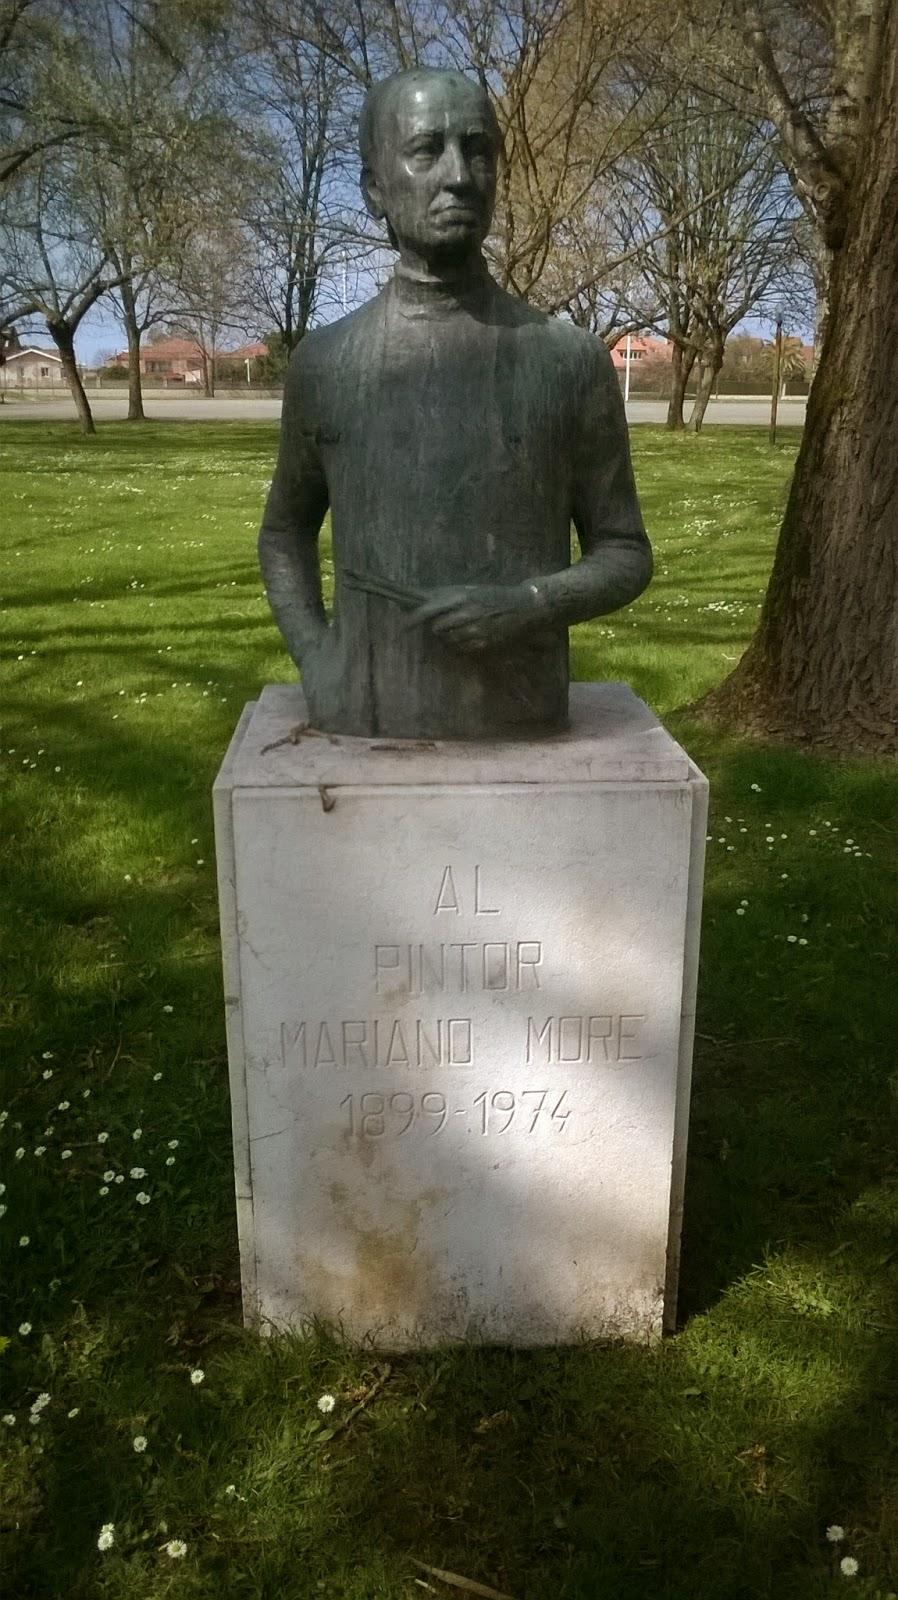 mariano moré busto